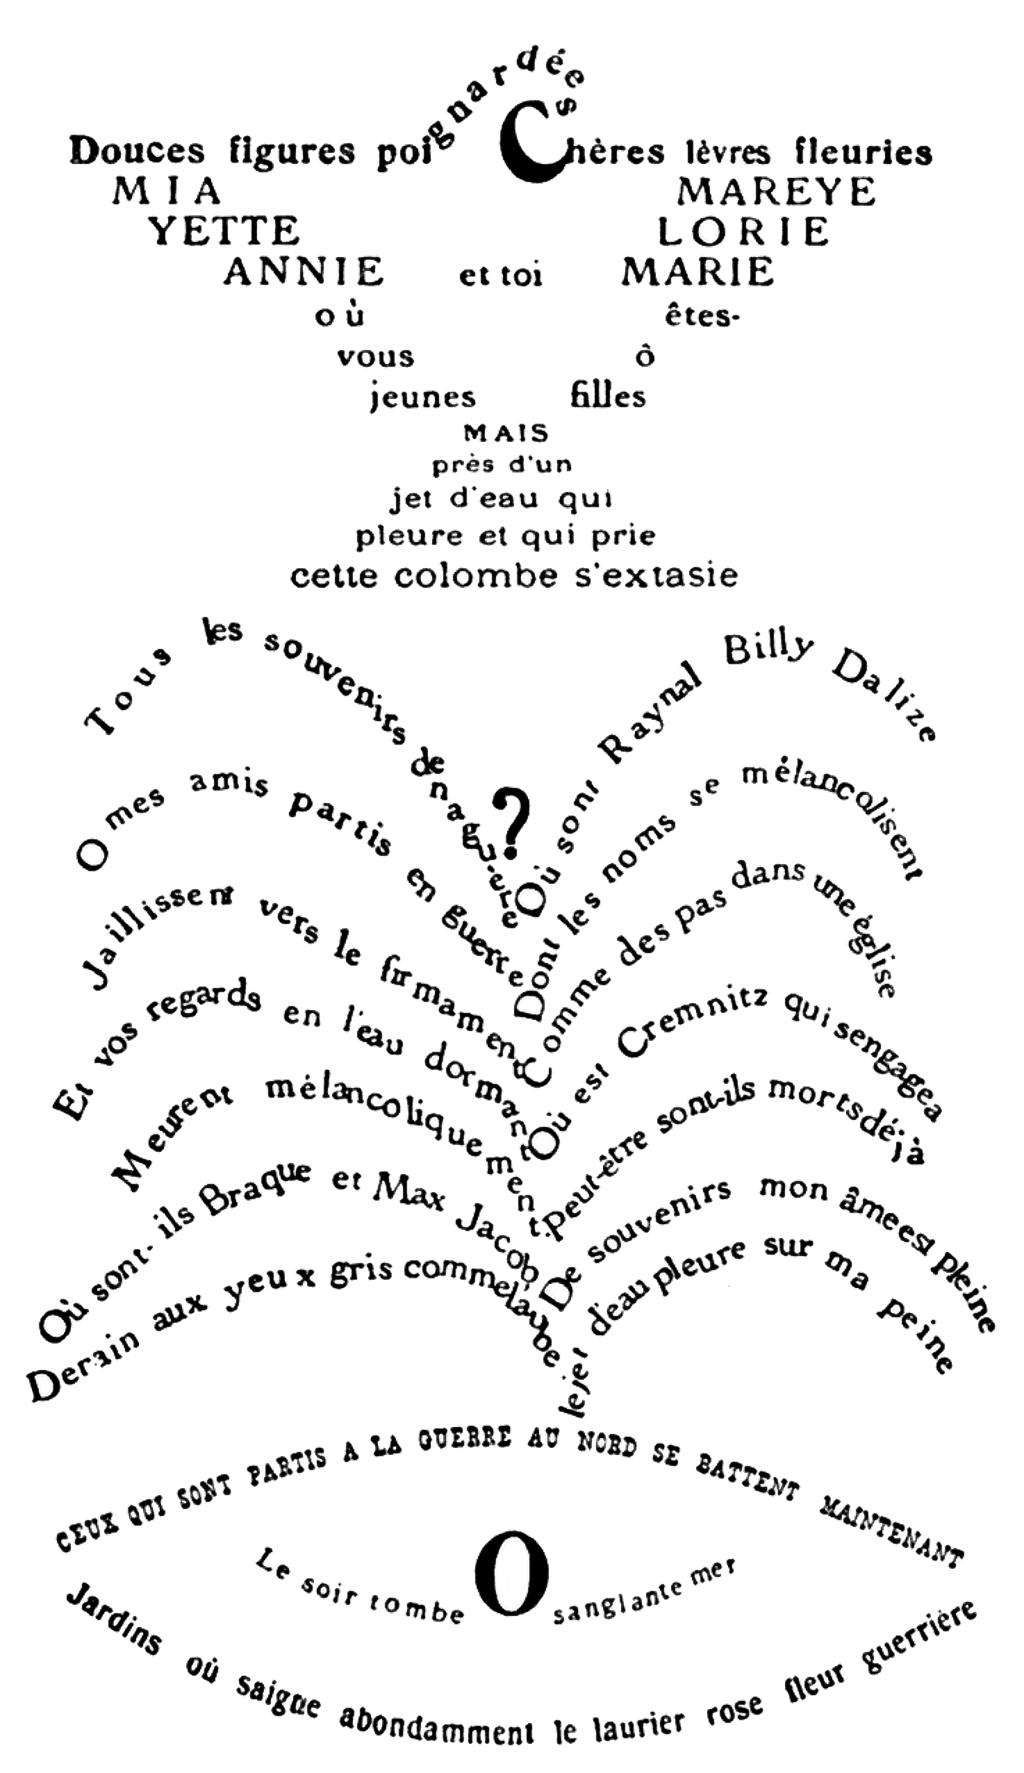 Guillaume_Apollinaire_-_Calligramme_-_La_Colombe_poignardée_et_le_Jet_d'eau